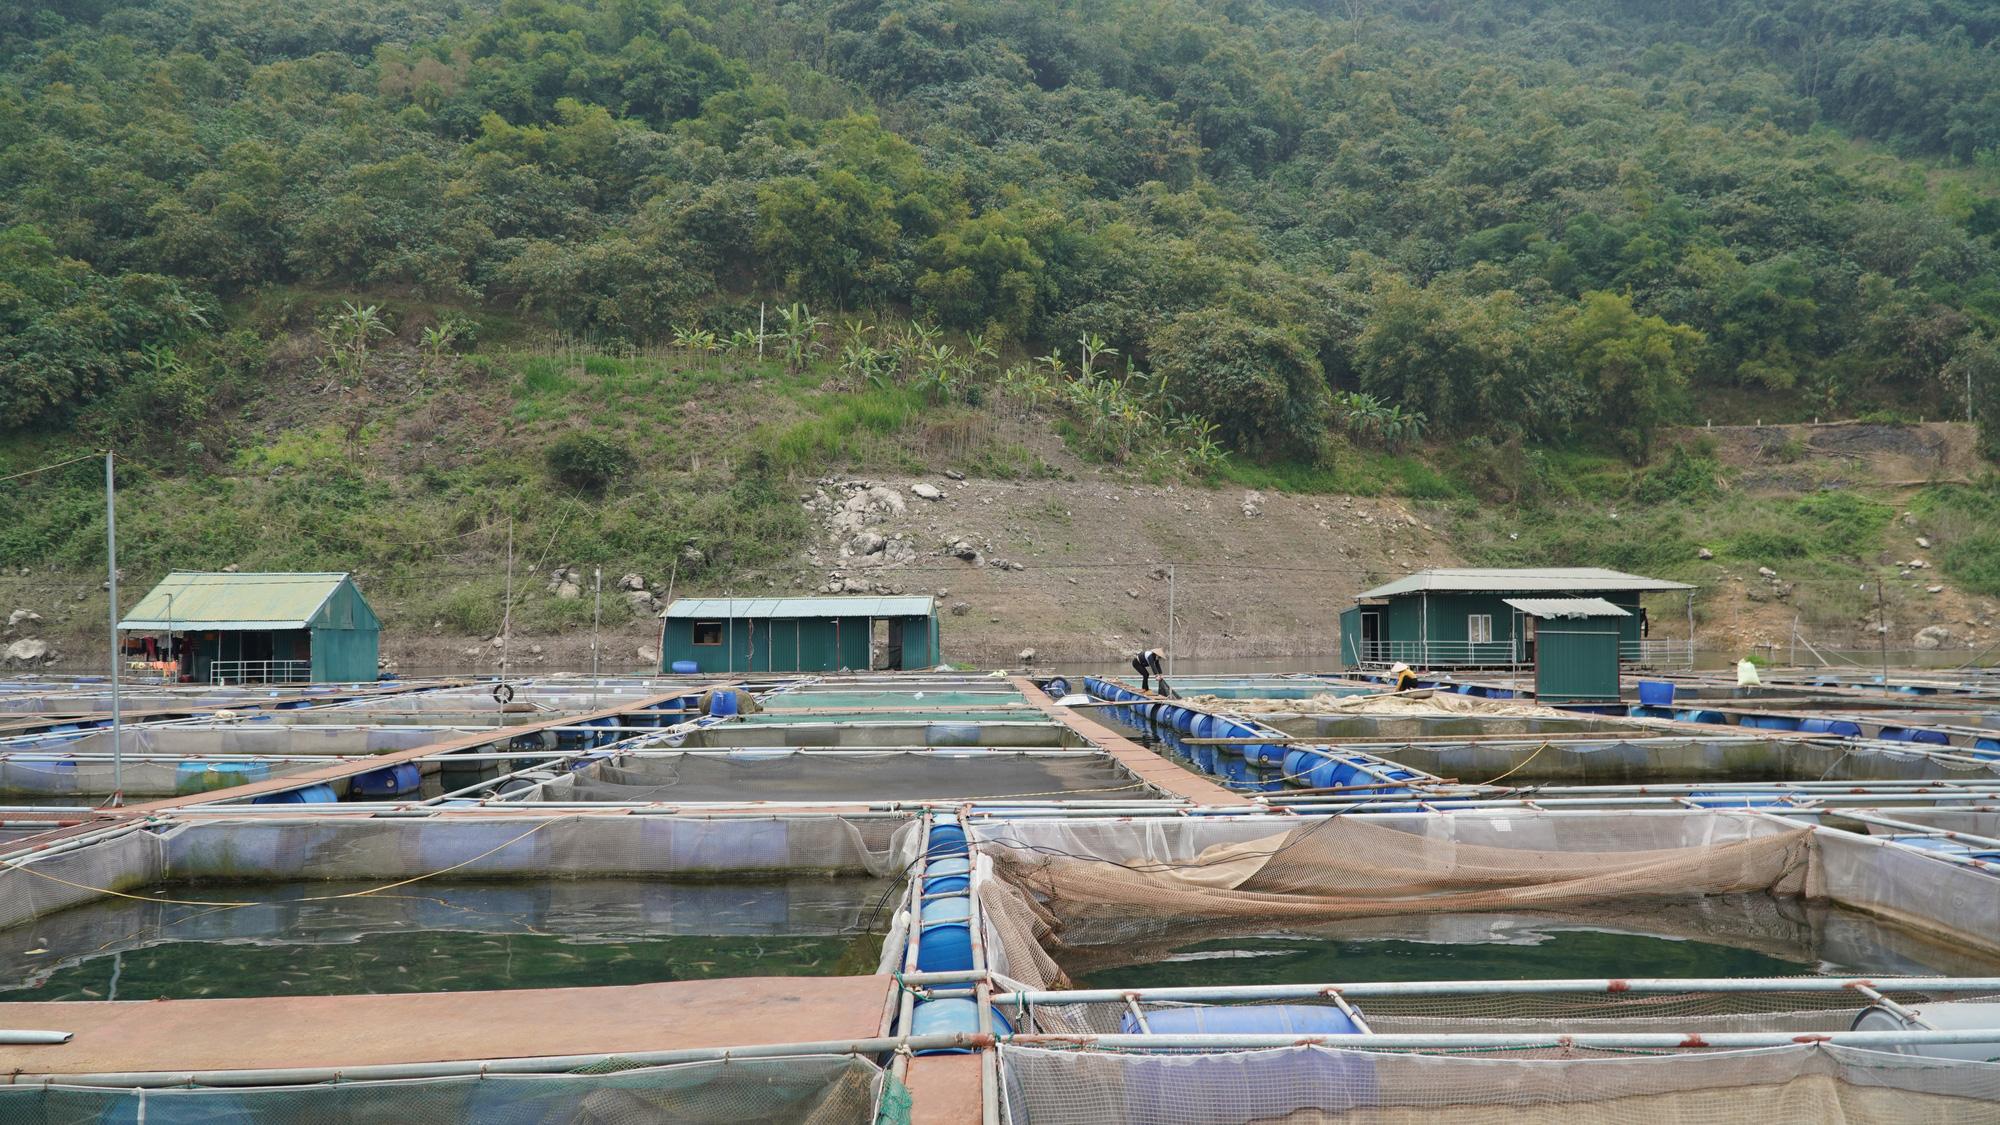 Sử dụng đến 9 tỷ mét khối nước nuôi cá, nông dân Hòa Bình trúng lớn - Ảnh 5.